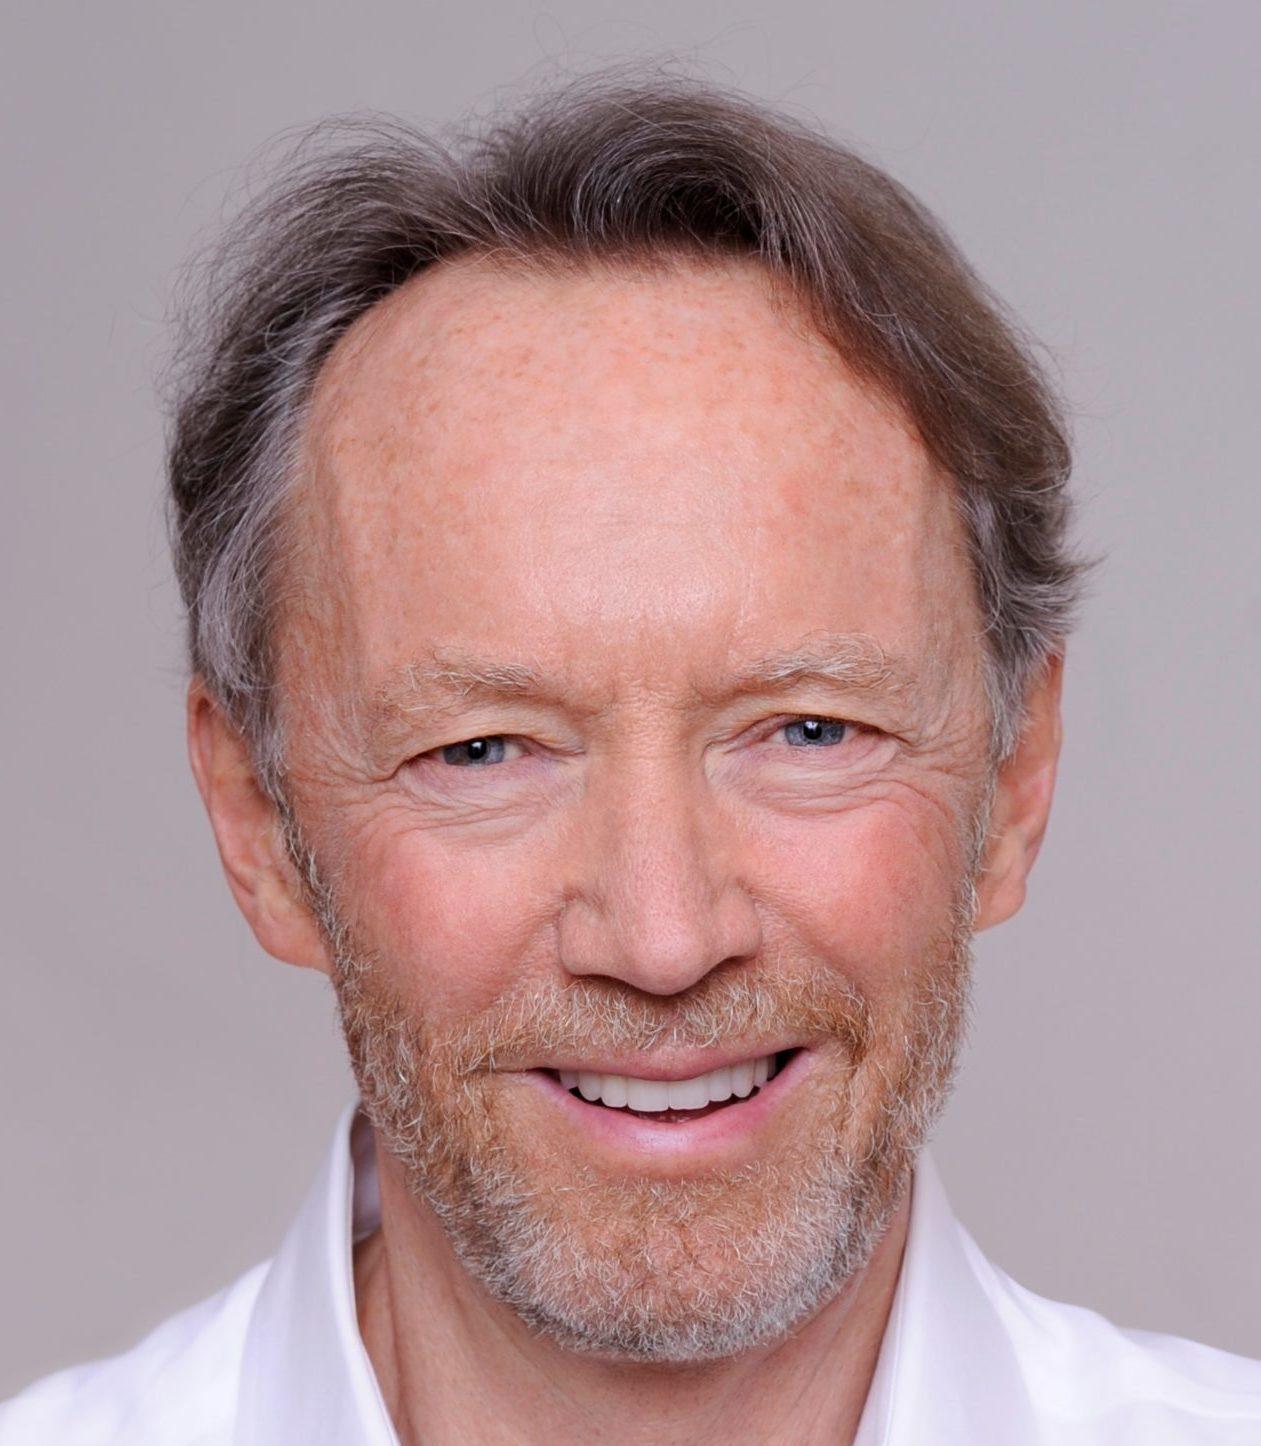 Dr. Schink